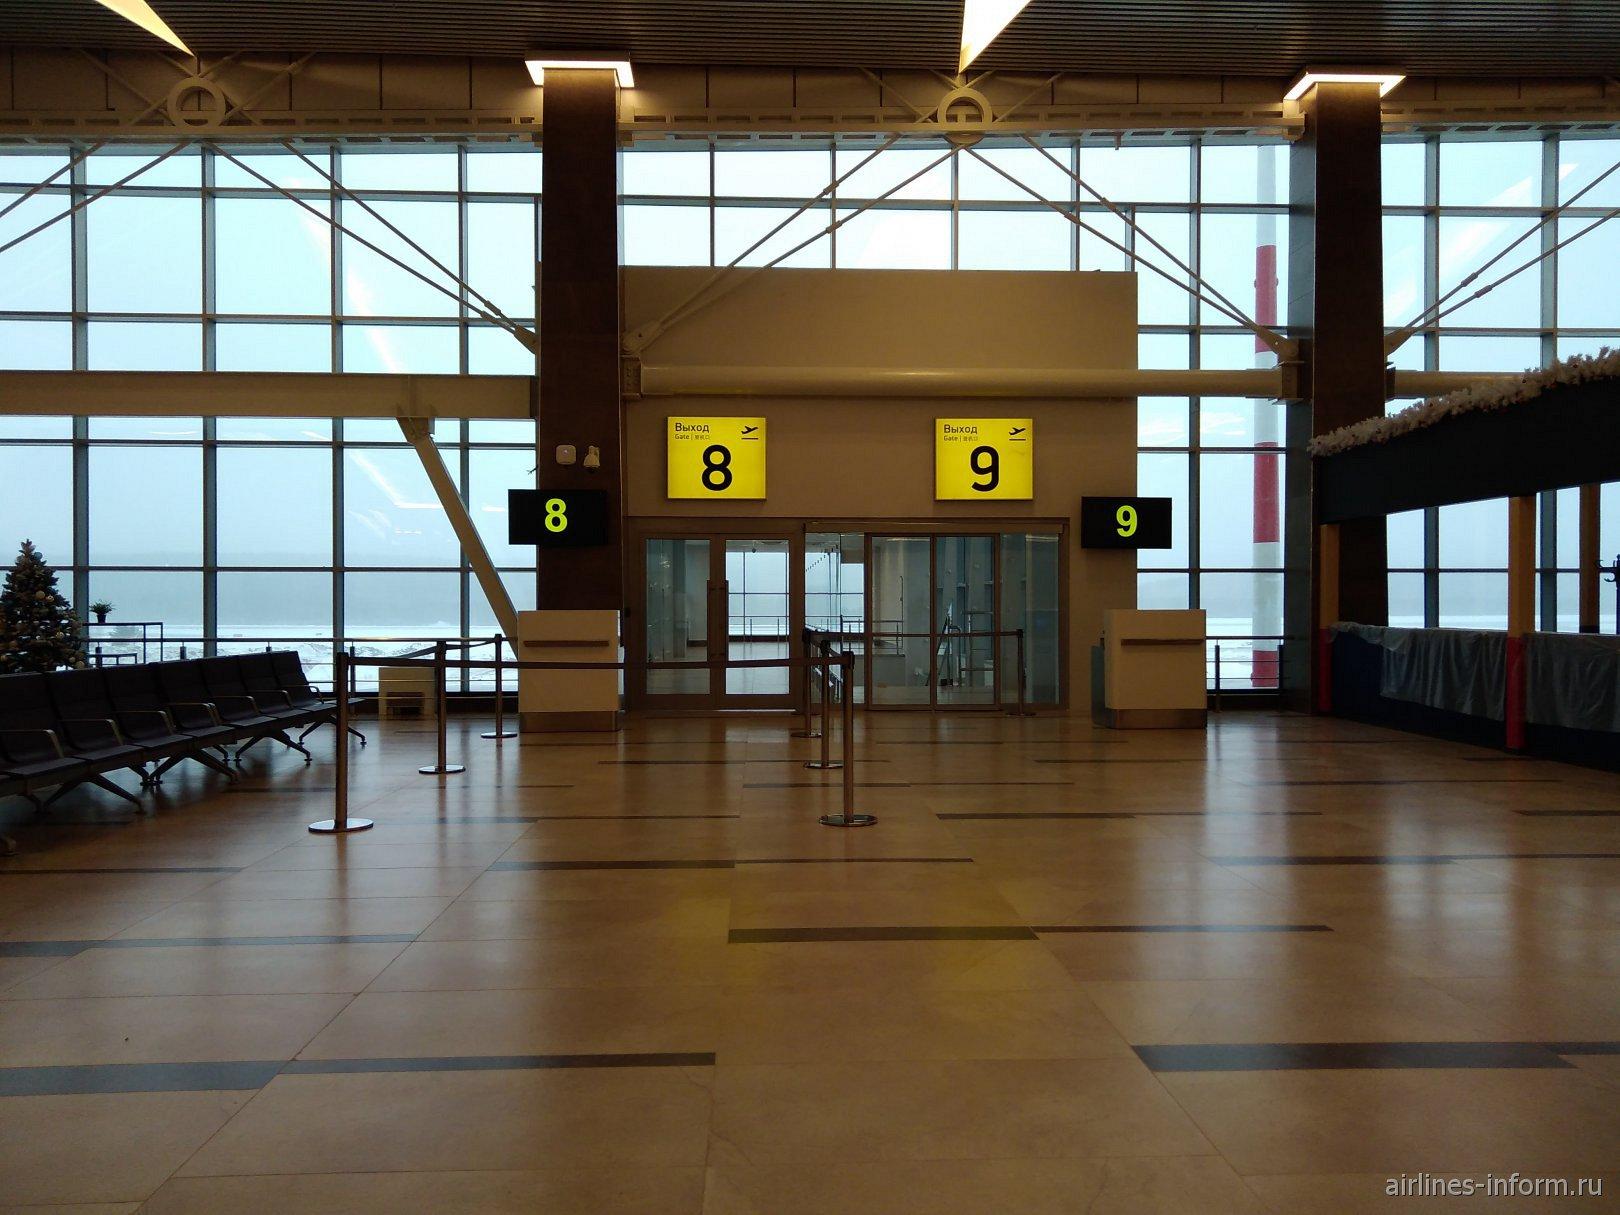 Выход на посадку в новом терминале аэропорта Красноярск Емельяново